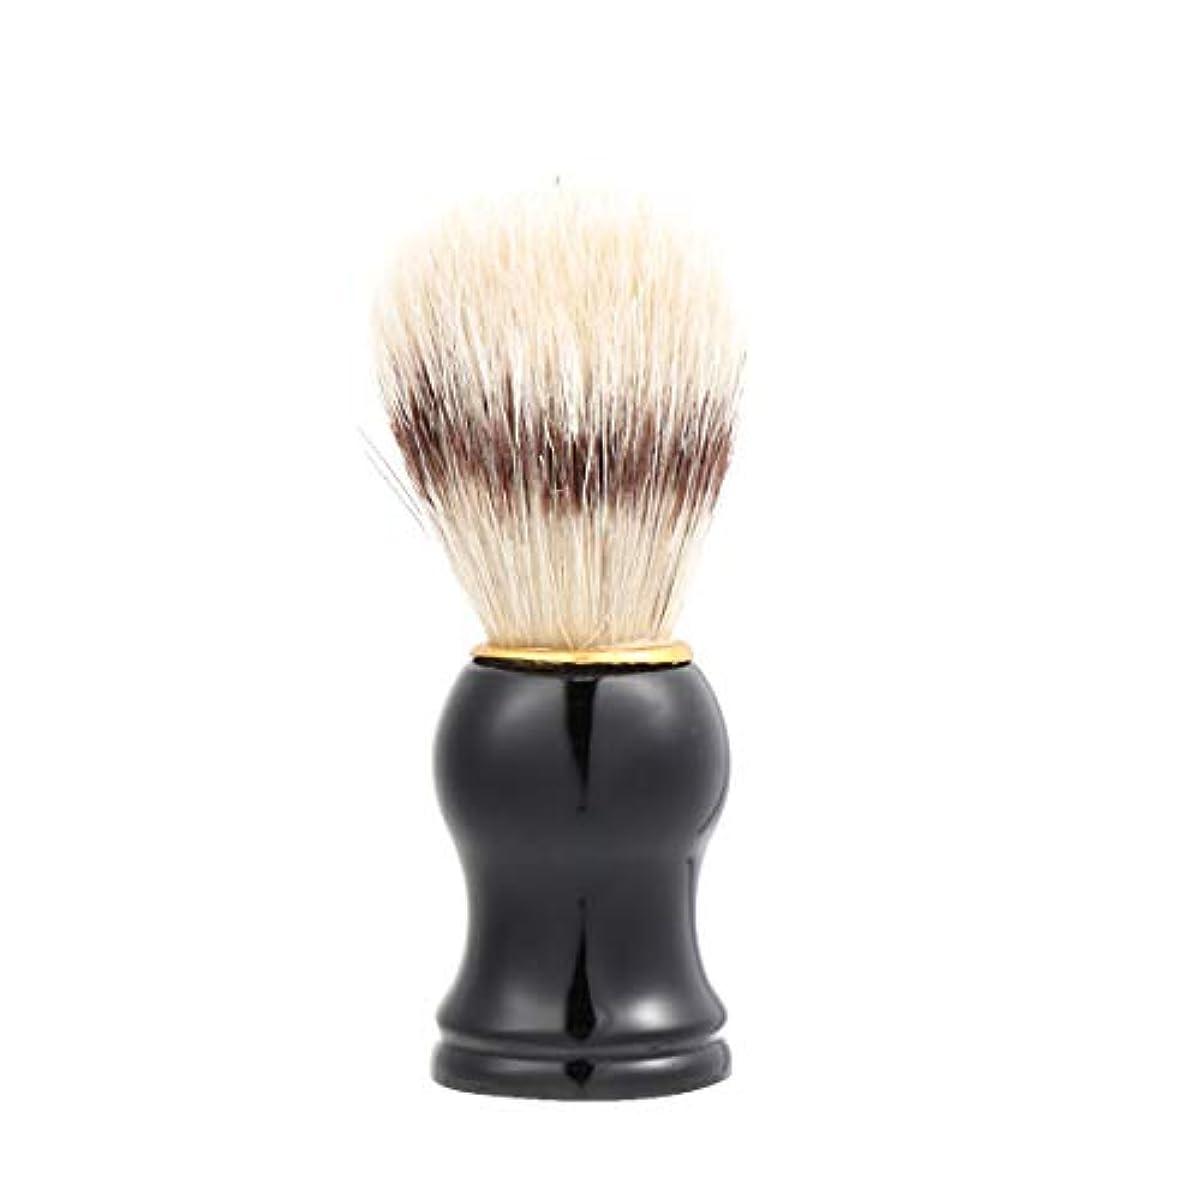 大混乱会計士増幅Lurrose 男性の剃毛ブラシ 毛髭ひげ 剃毛ブラシ ソフト フェイシャルケア ヘアクレンジングブラシ